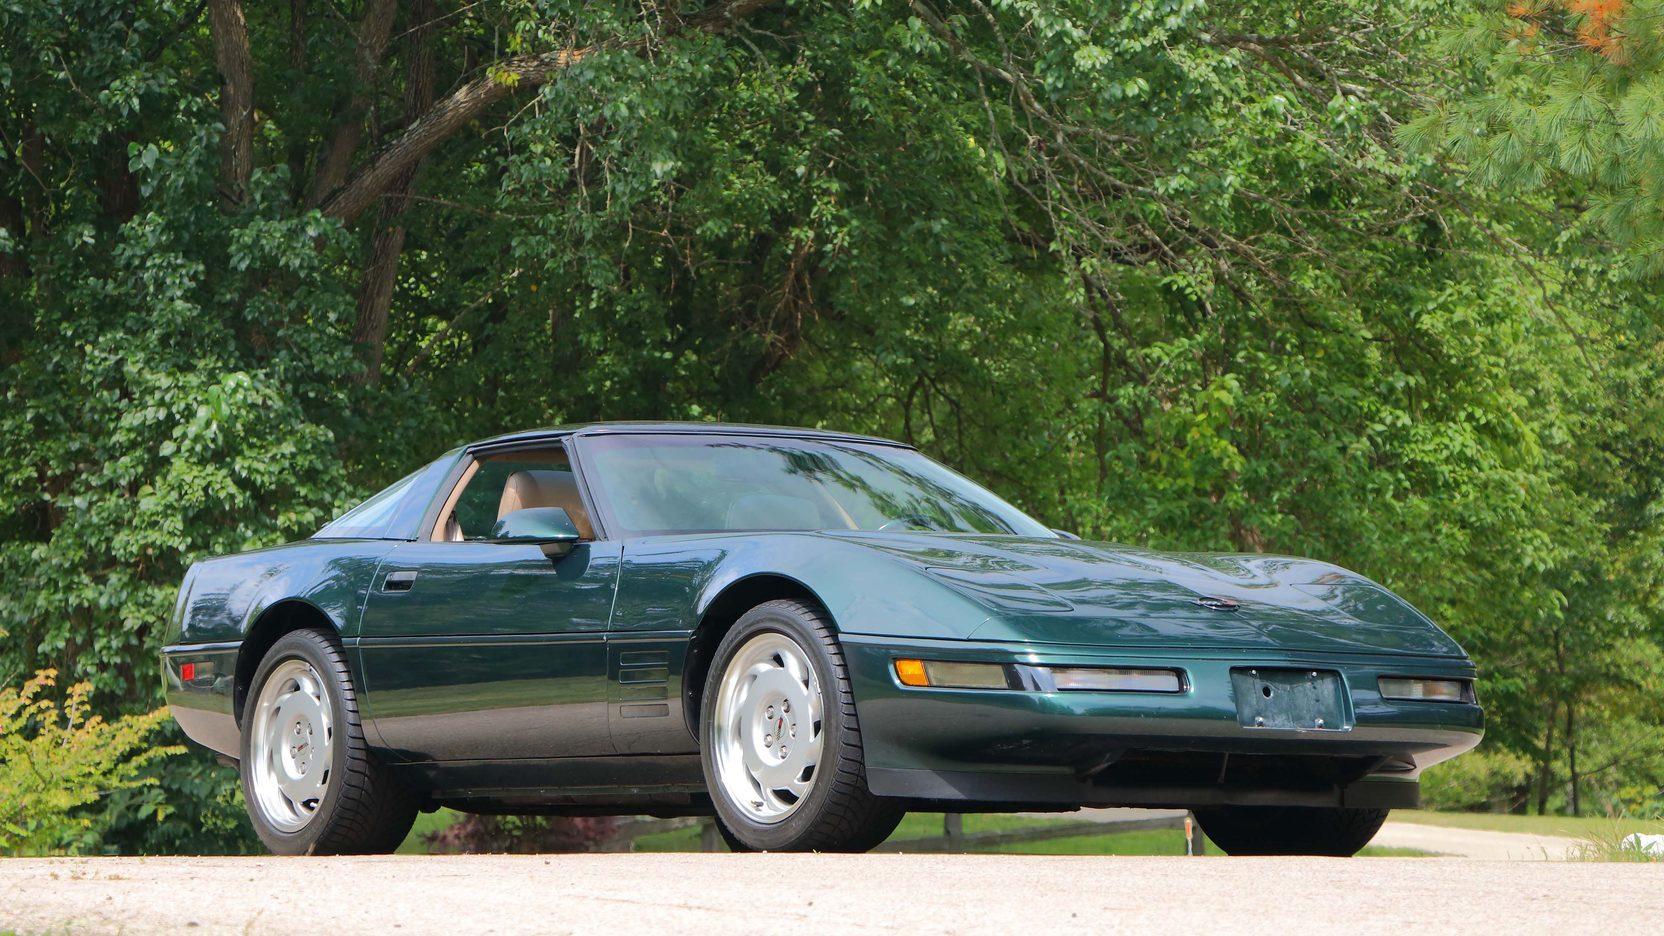 1992 Chevrolet Corvette green over tan 3/4 front